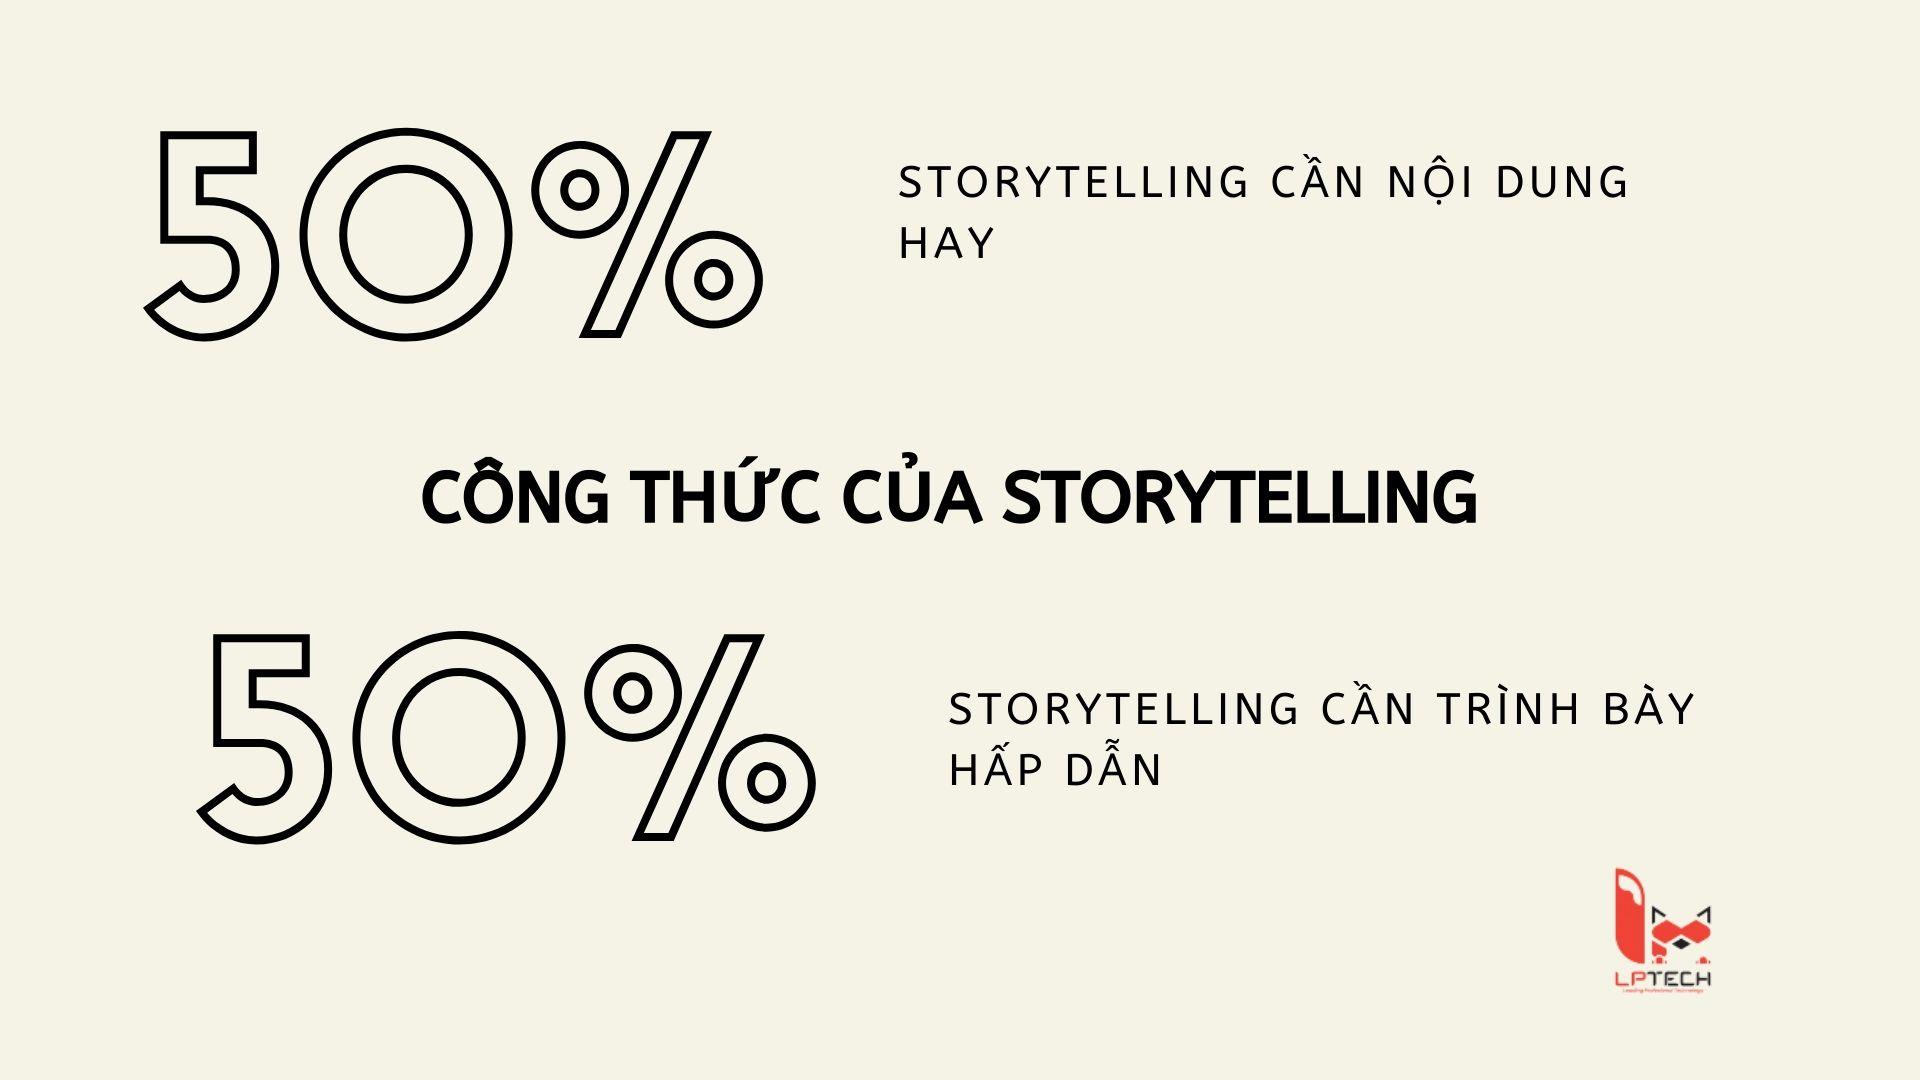 Làm sao để có storytelling hay và hấp dẫn